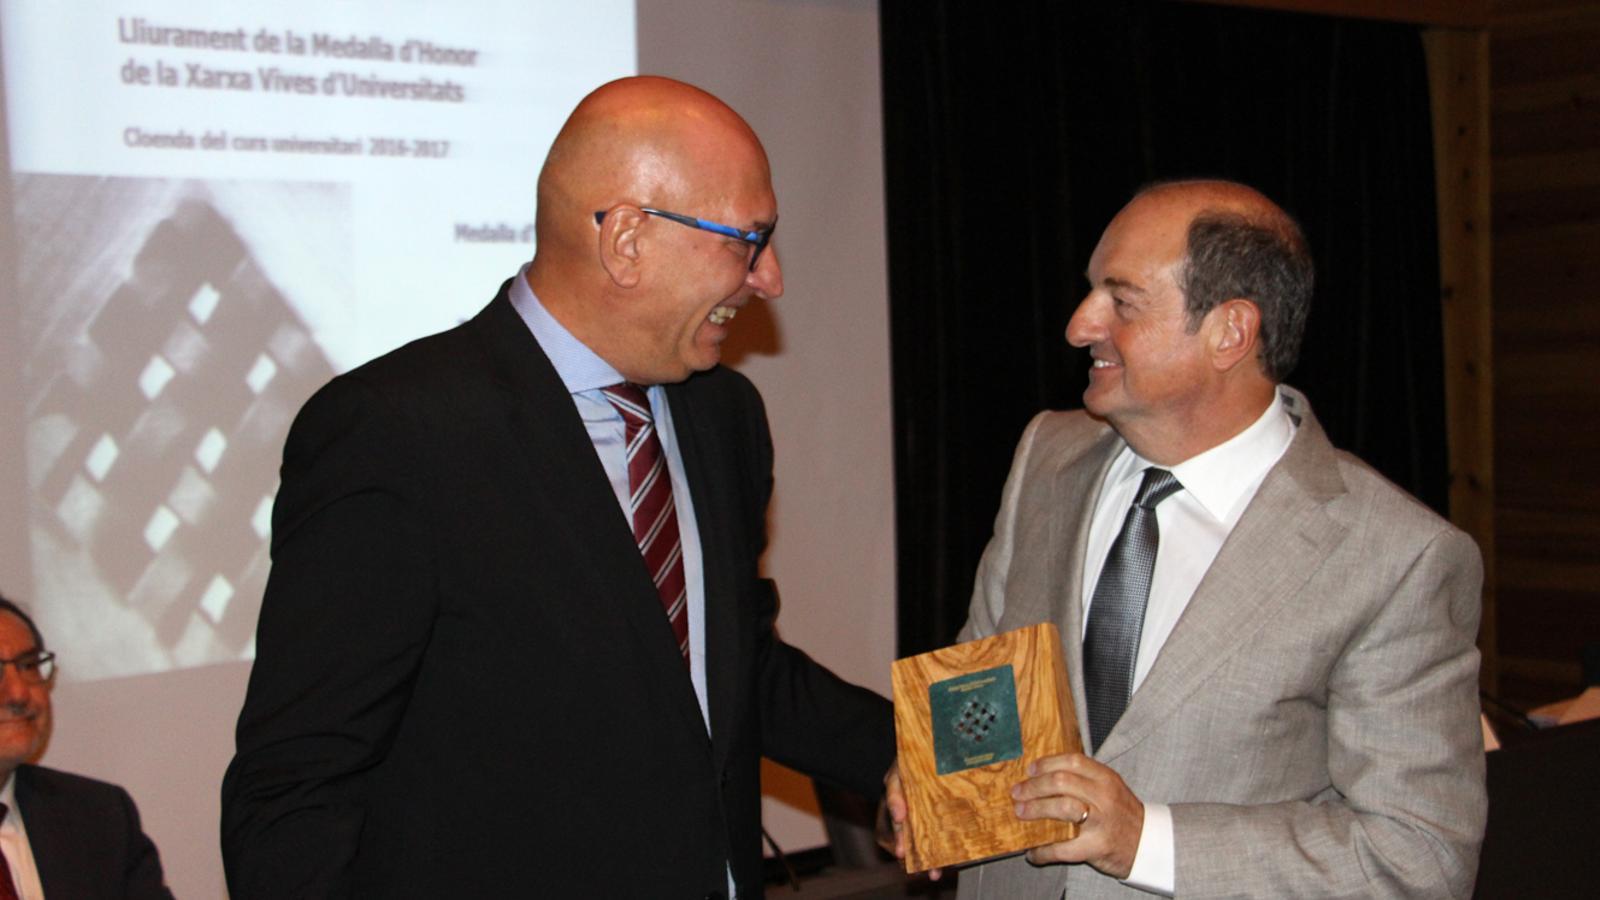 L'actual president de la Xarxa Vives i el rector de l'UdA, Miquel Nicolau, entrega la medalla d'honor a Daniel Bastida. / M.M. (ANA)